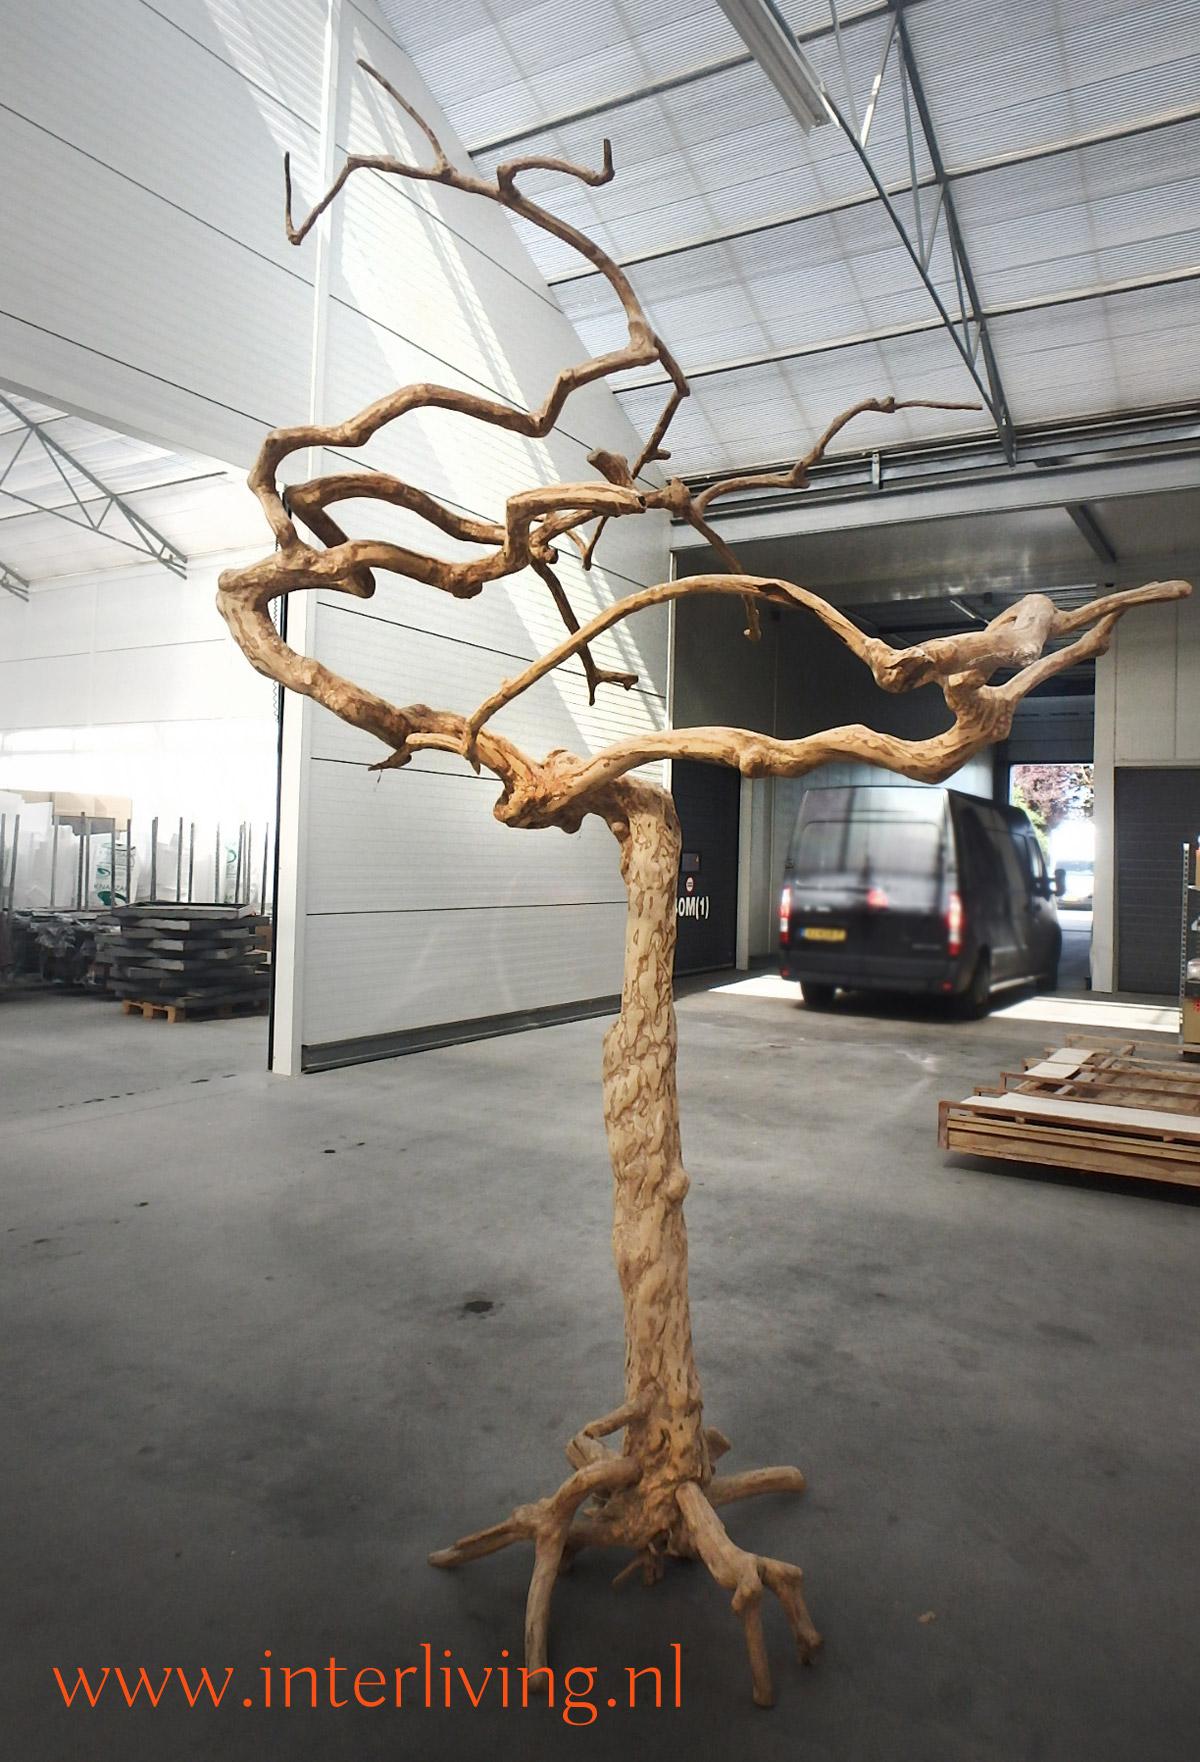 blanke kale boom met grillige takken - woondecoratie - oud vergrijsd hout - old tree